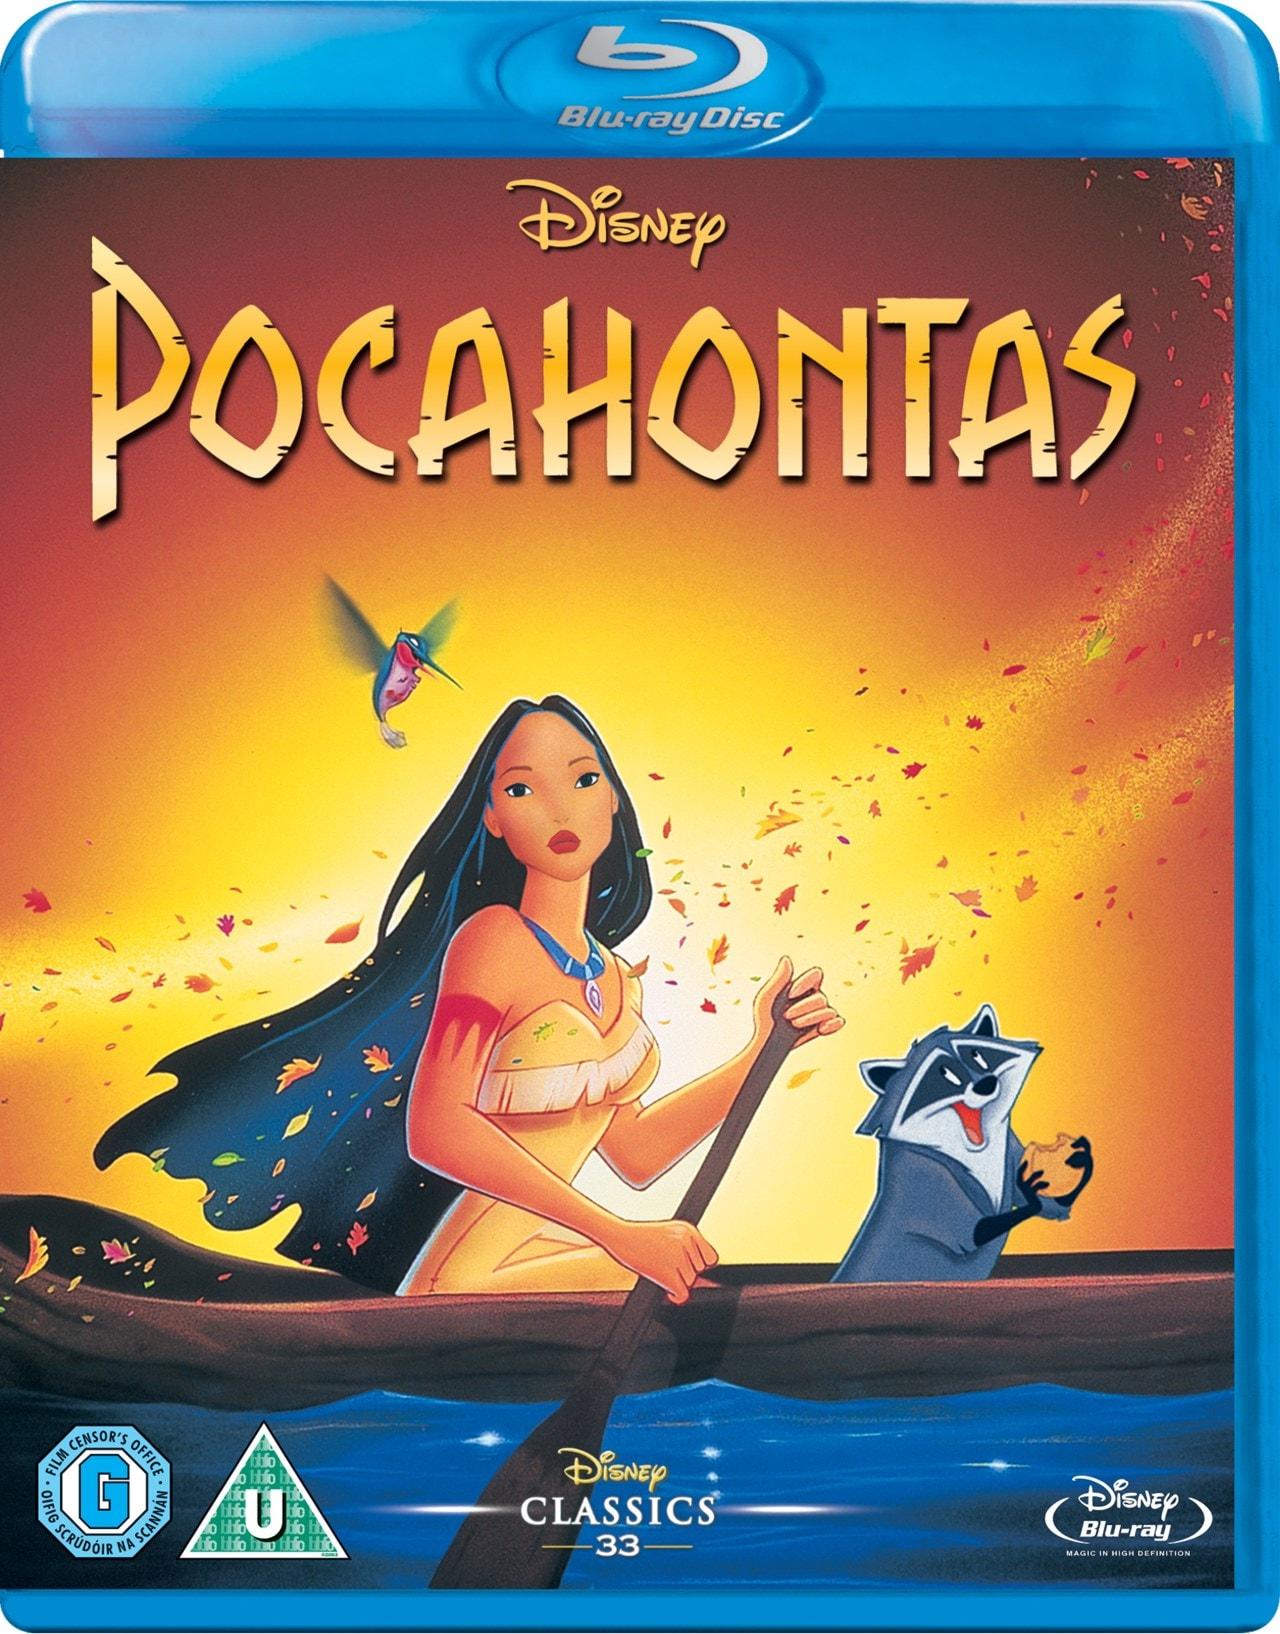 Pocahontas (Disney) - 3